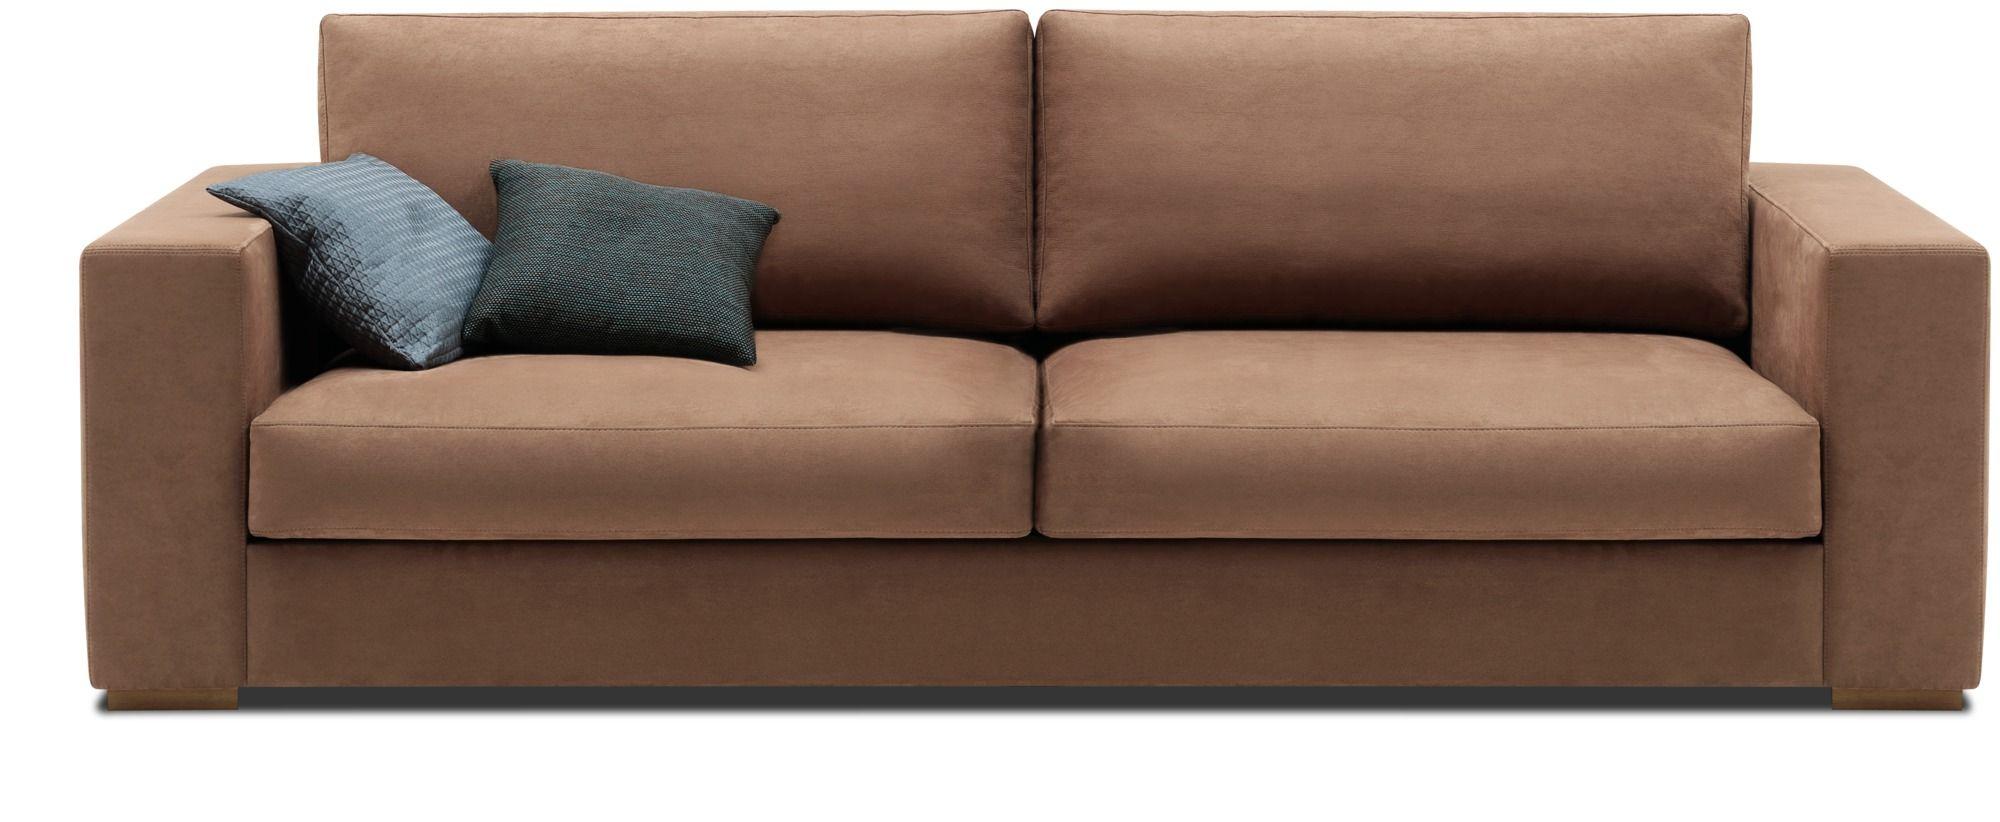 Kanapee Sofa pin szerzője siman peng közzétéve itt furniture